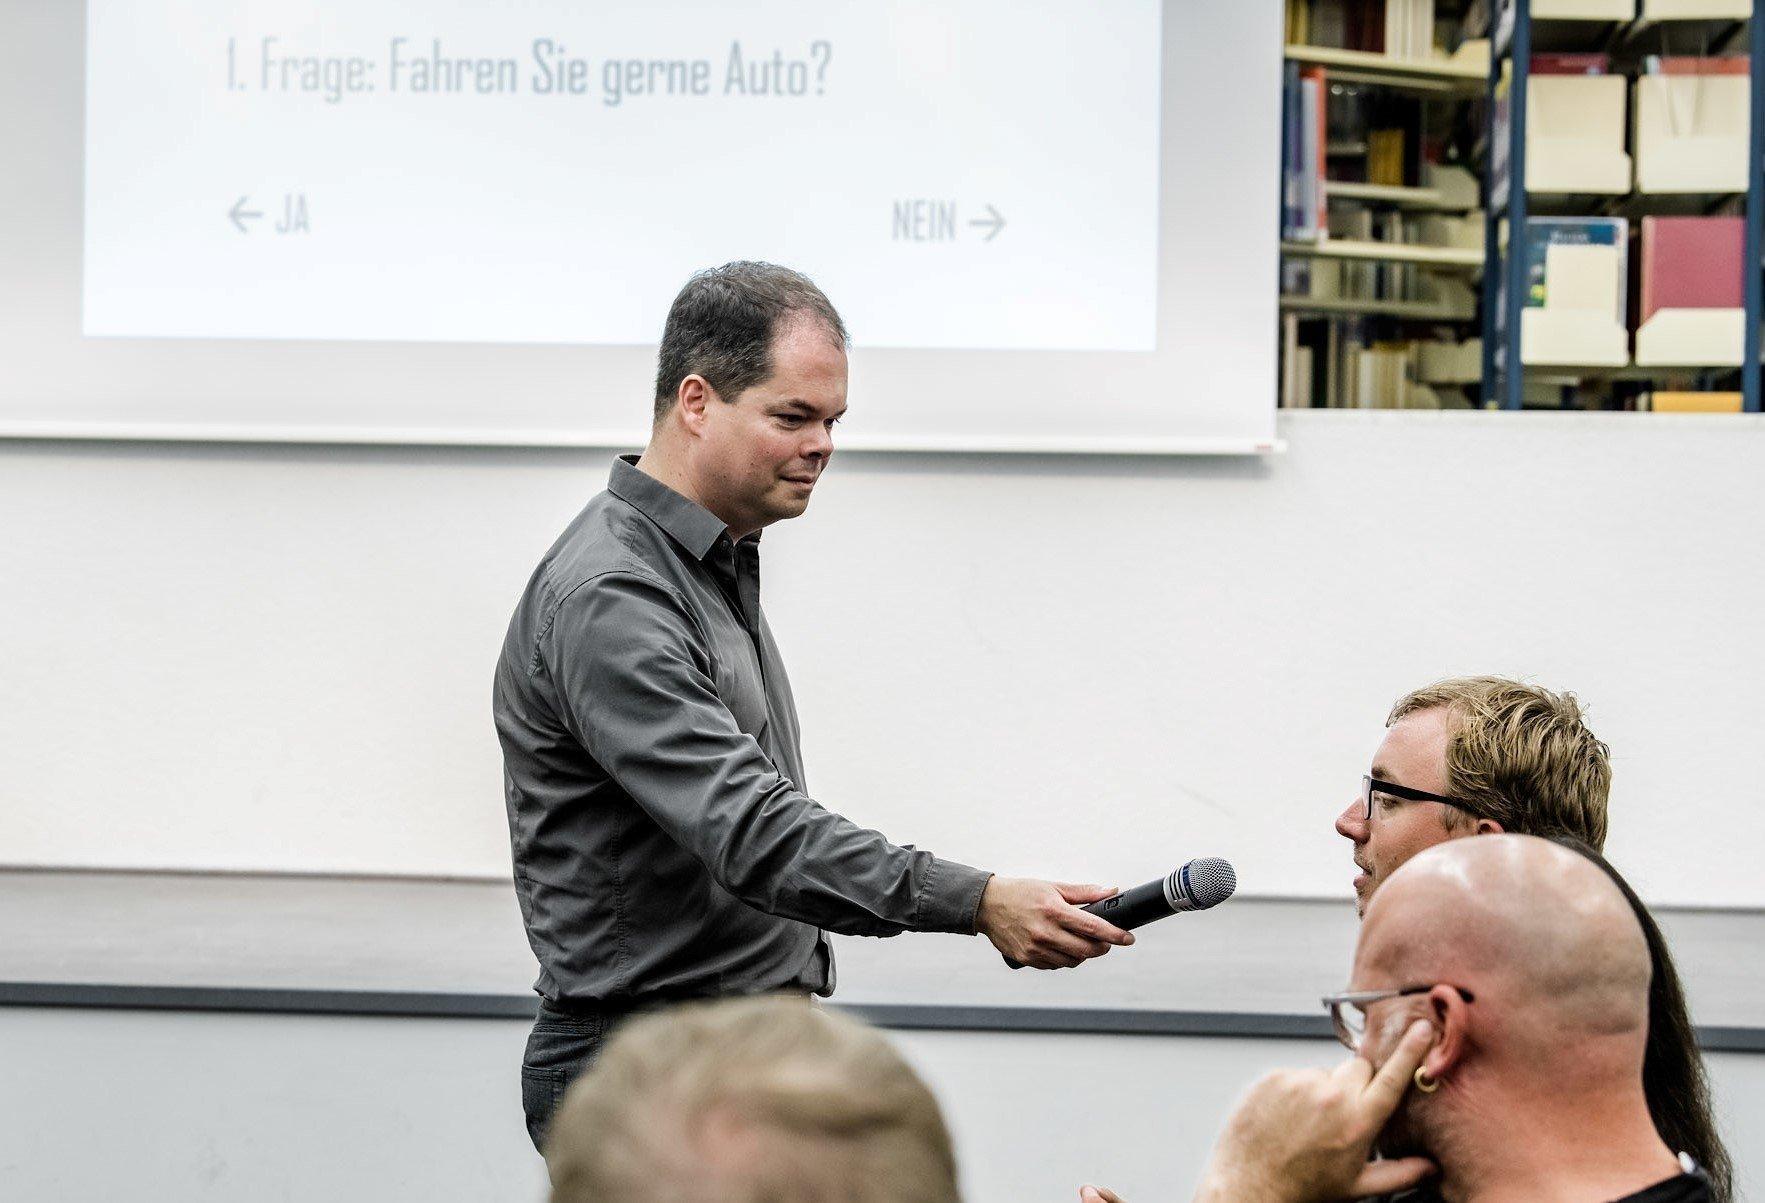 In der Zentralbibliothek Düsseldorf diskutieren Menschen über Mobilität und Verkehrswende.